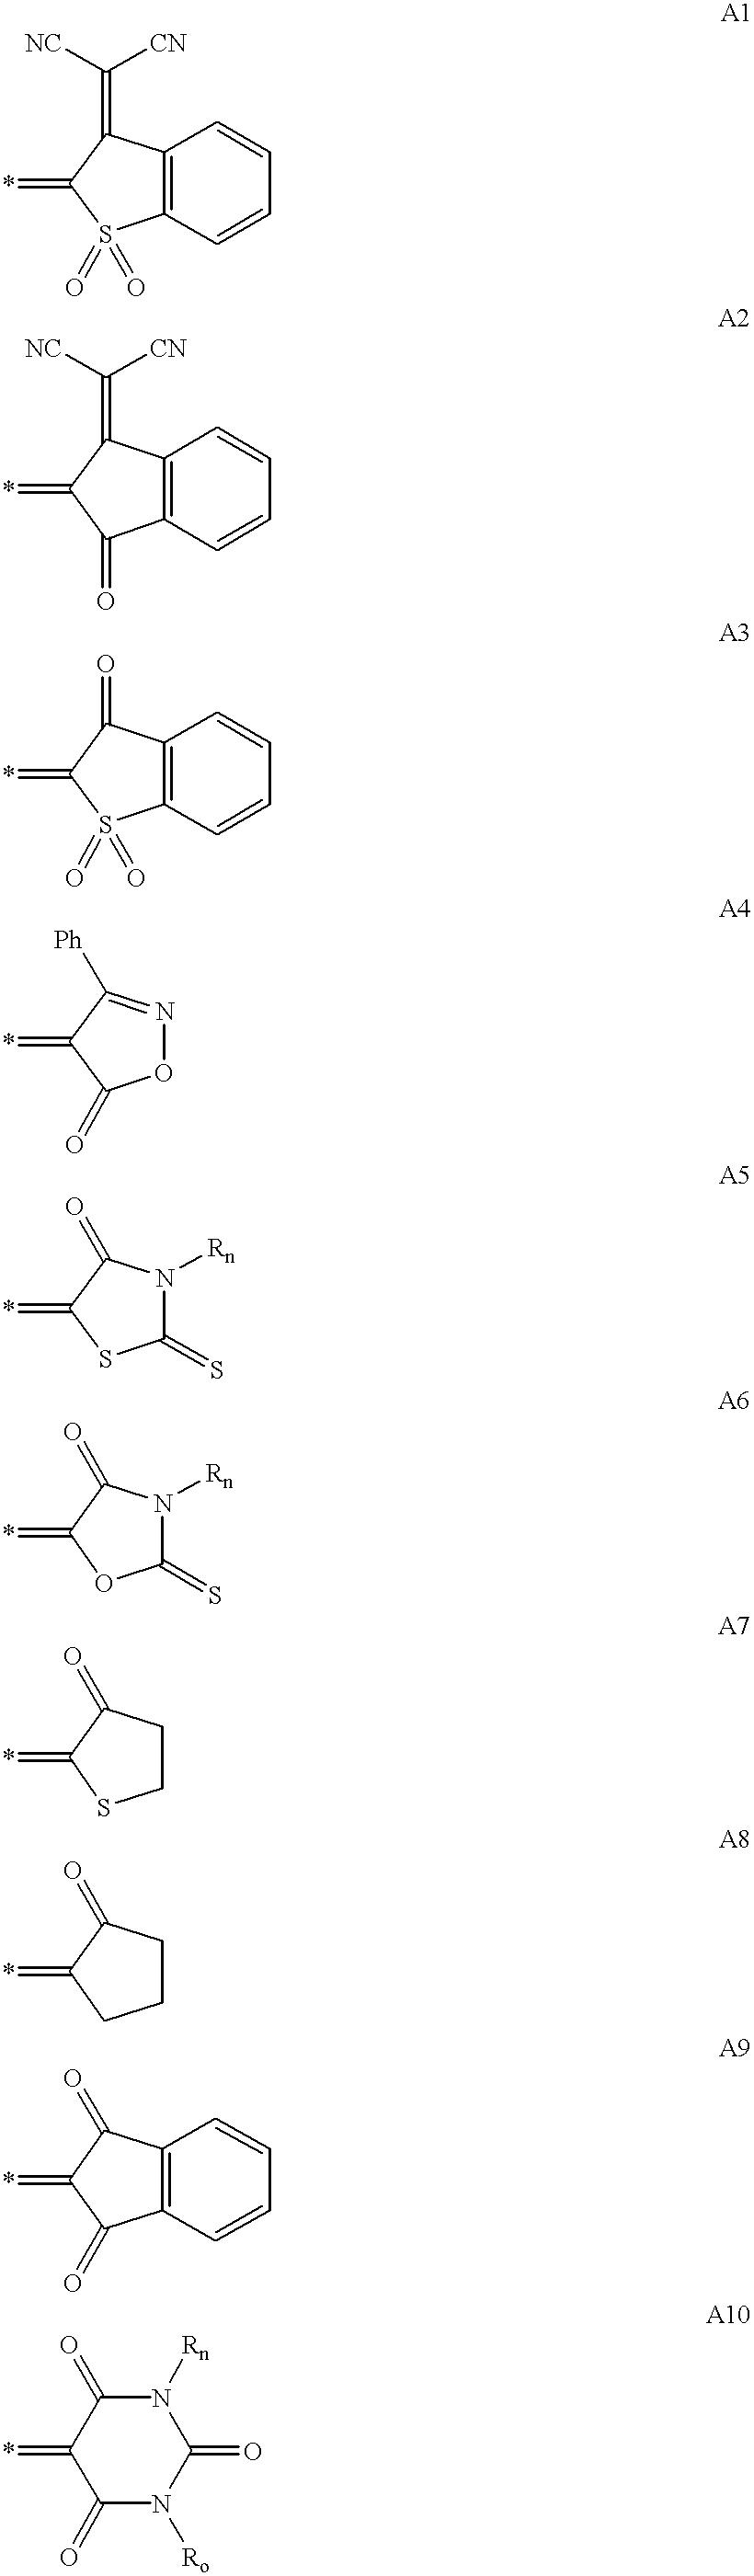 Figure US06267913-20010731-C00007